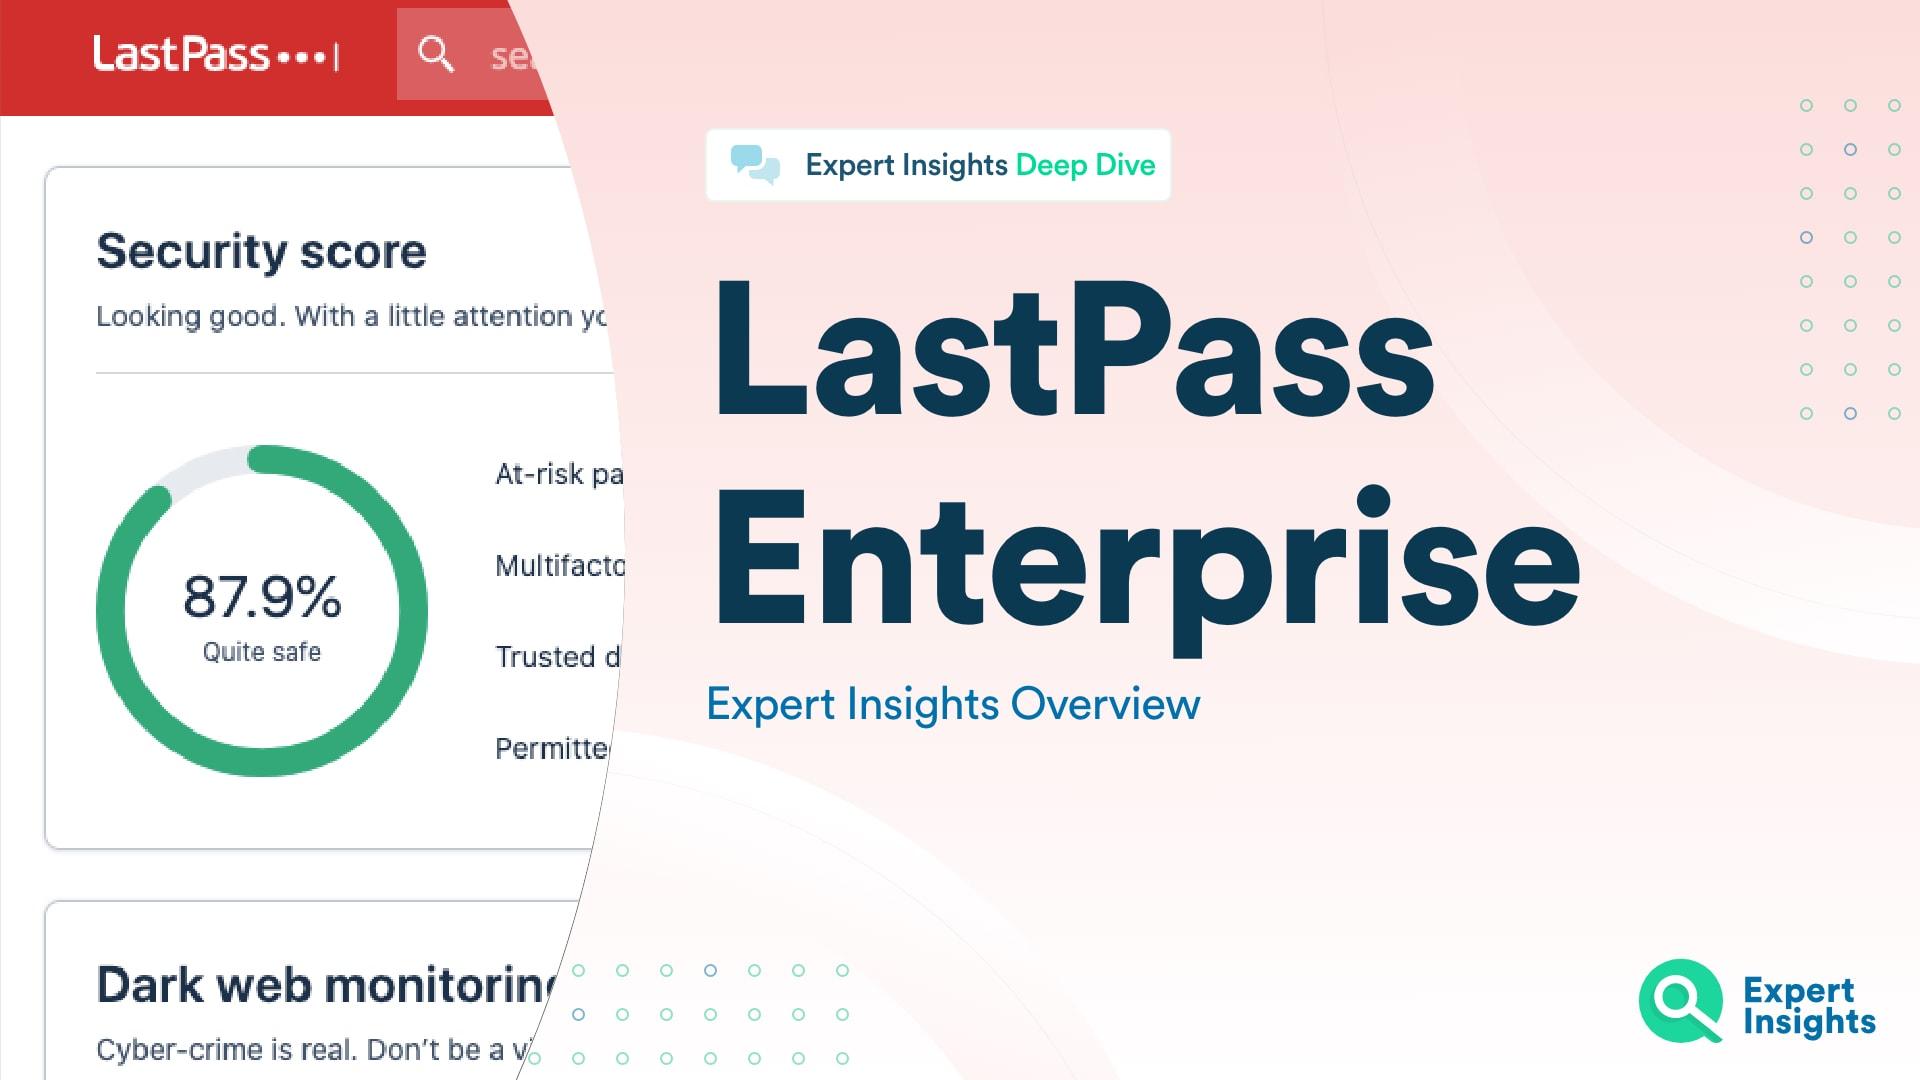 Lastpass Enterprise: A Comprehensive Overview